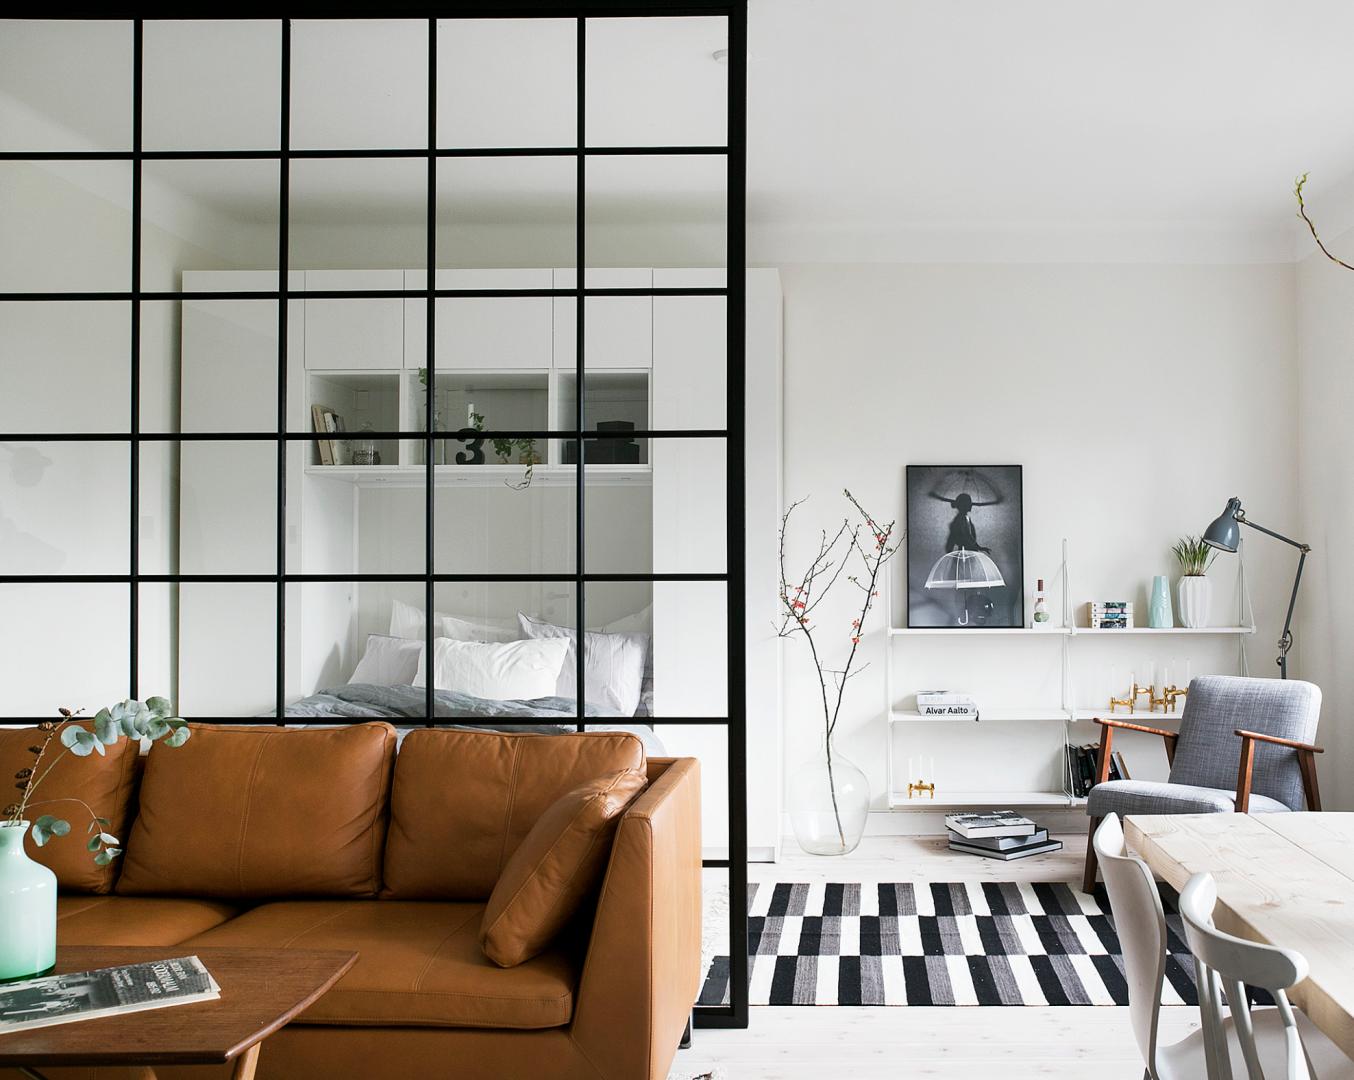 Scandinavisch Interieur Kenmerken : De stoffen kenmerken zich door horizontale transparante en semi